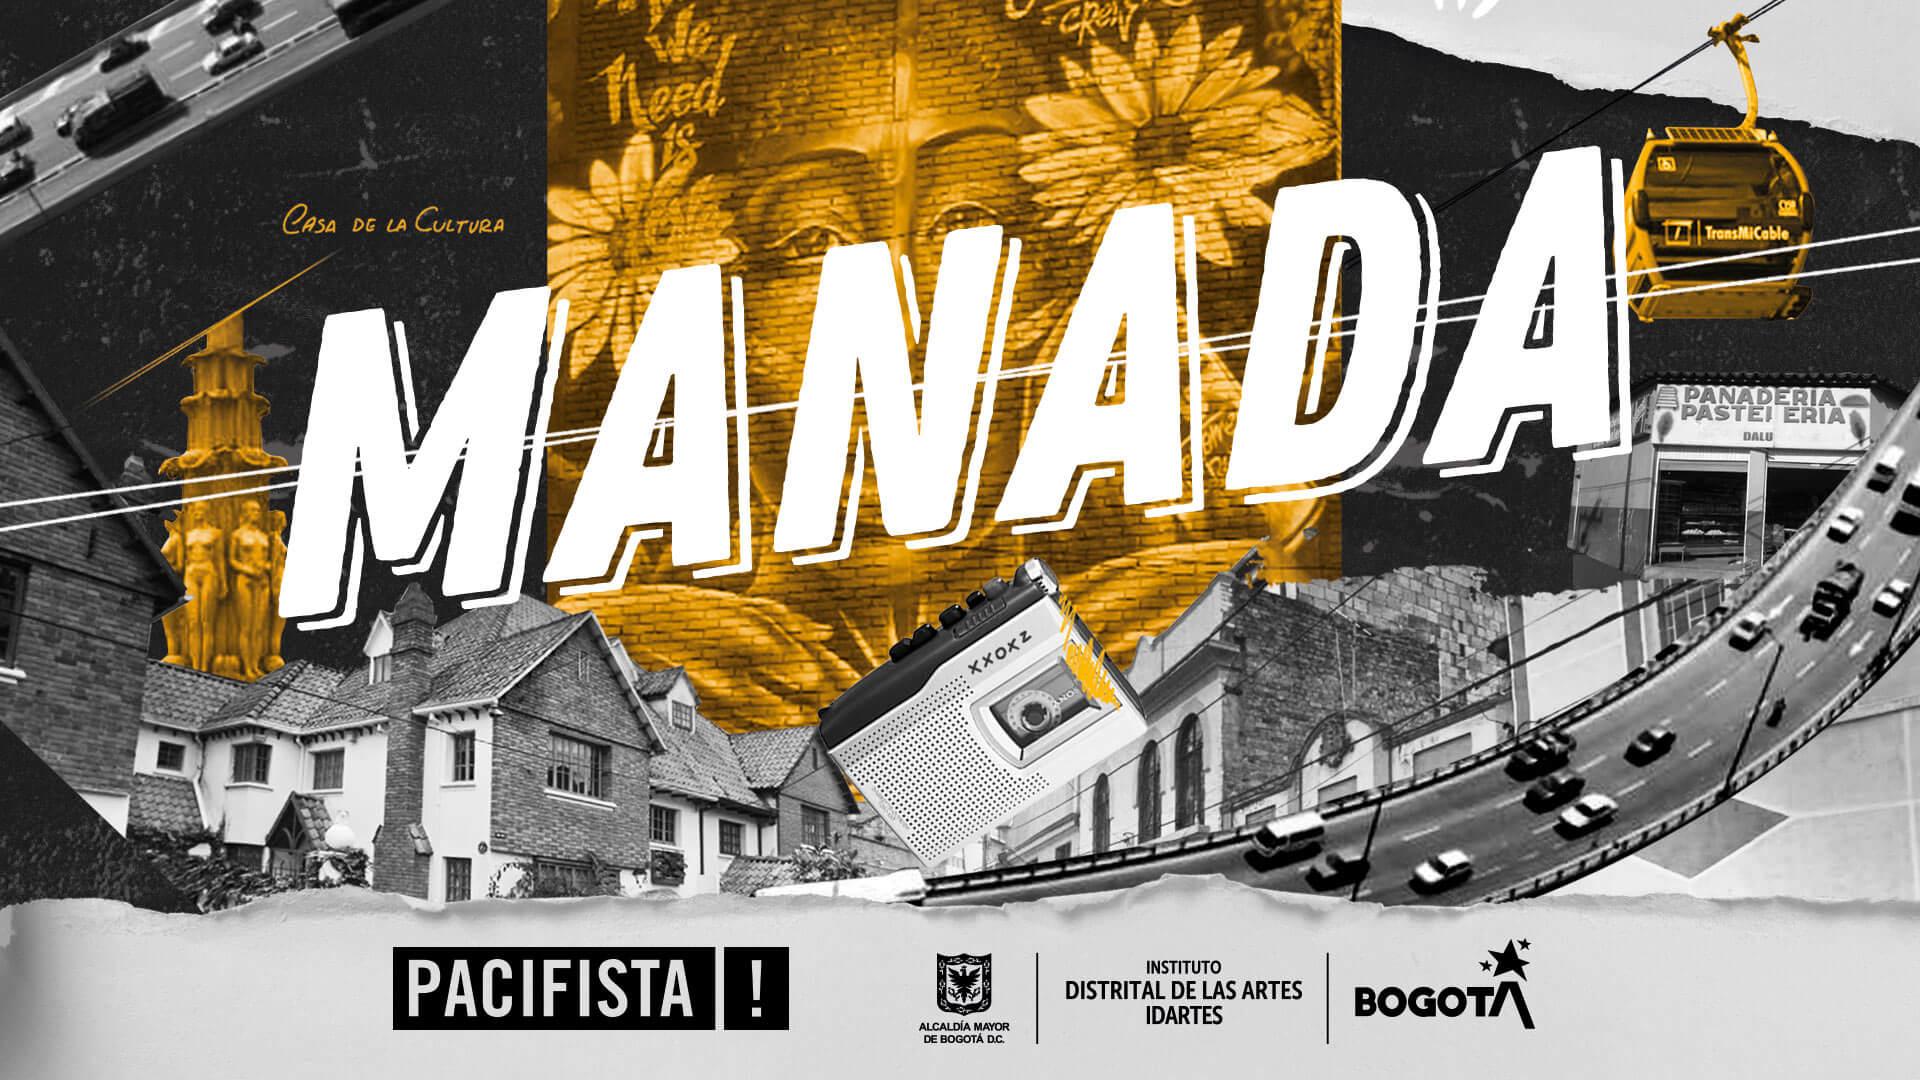 ¡Llega MANADA! La nueva plataforma de periodismo cultural de Idartes y PACIFISTA